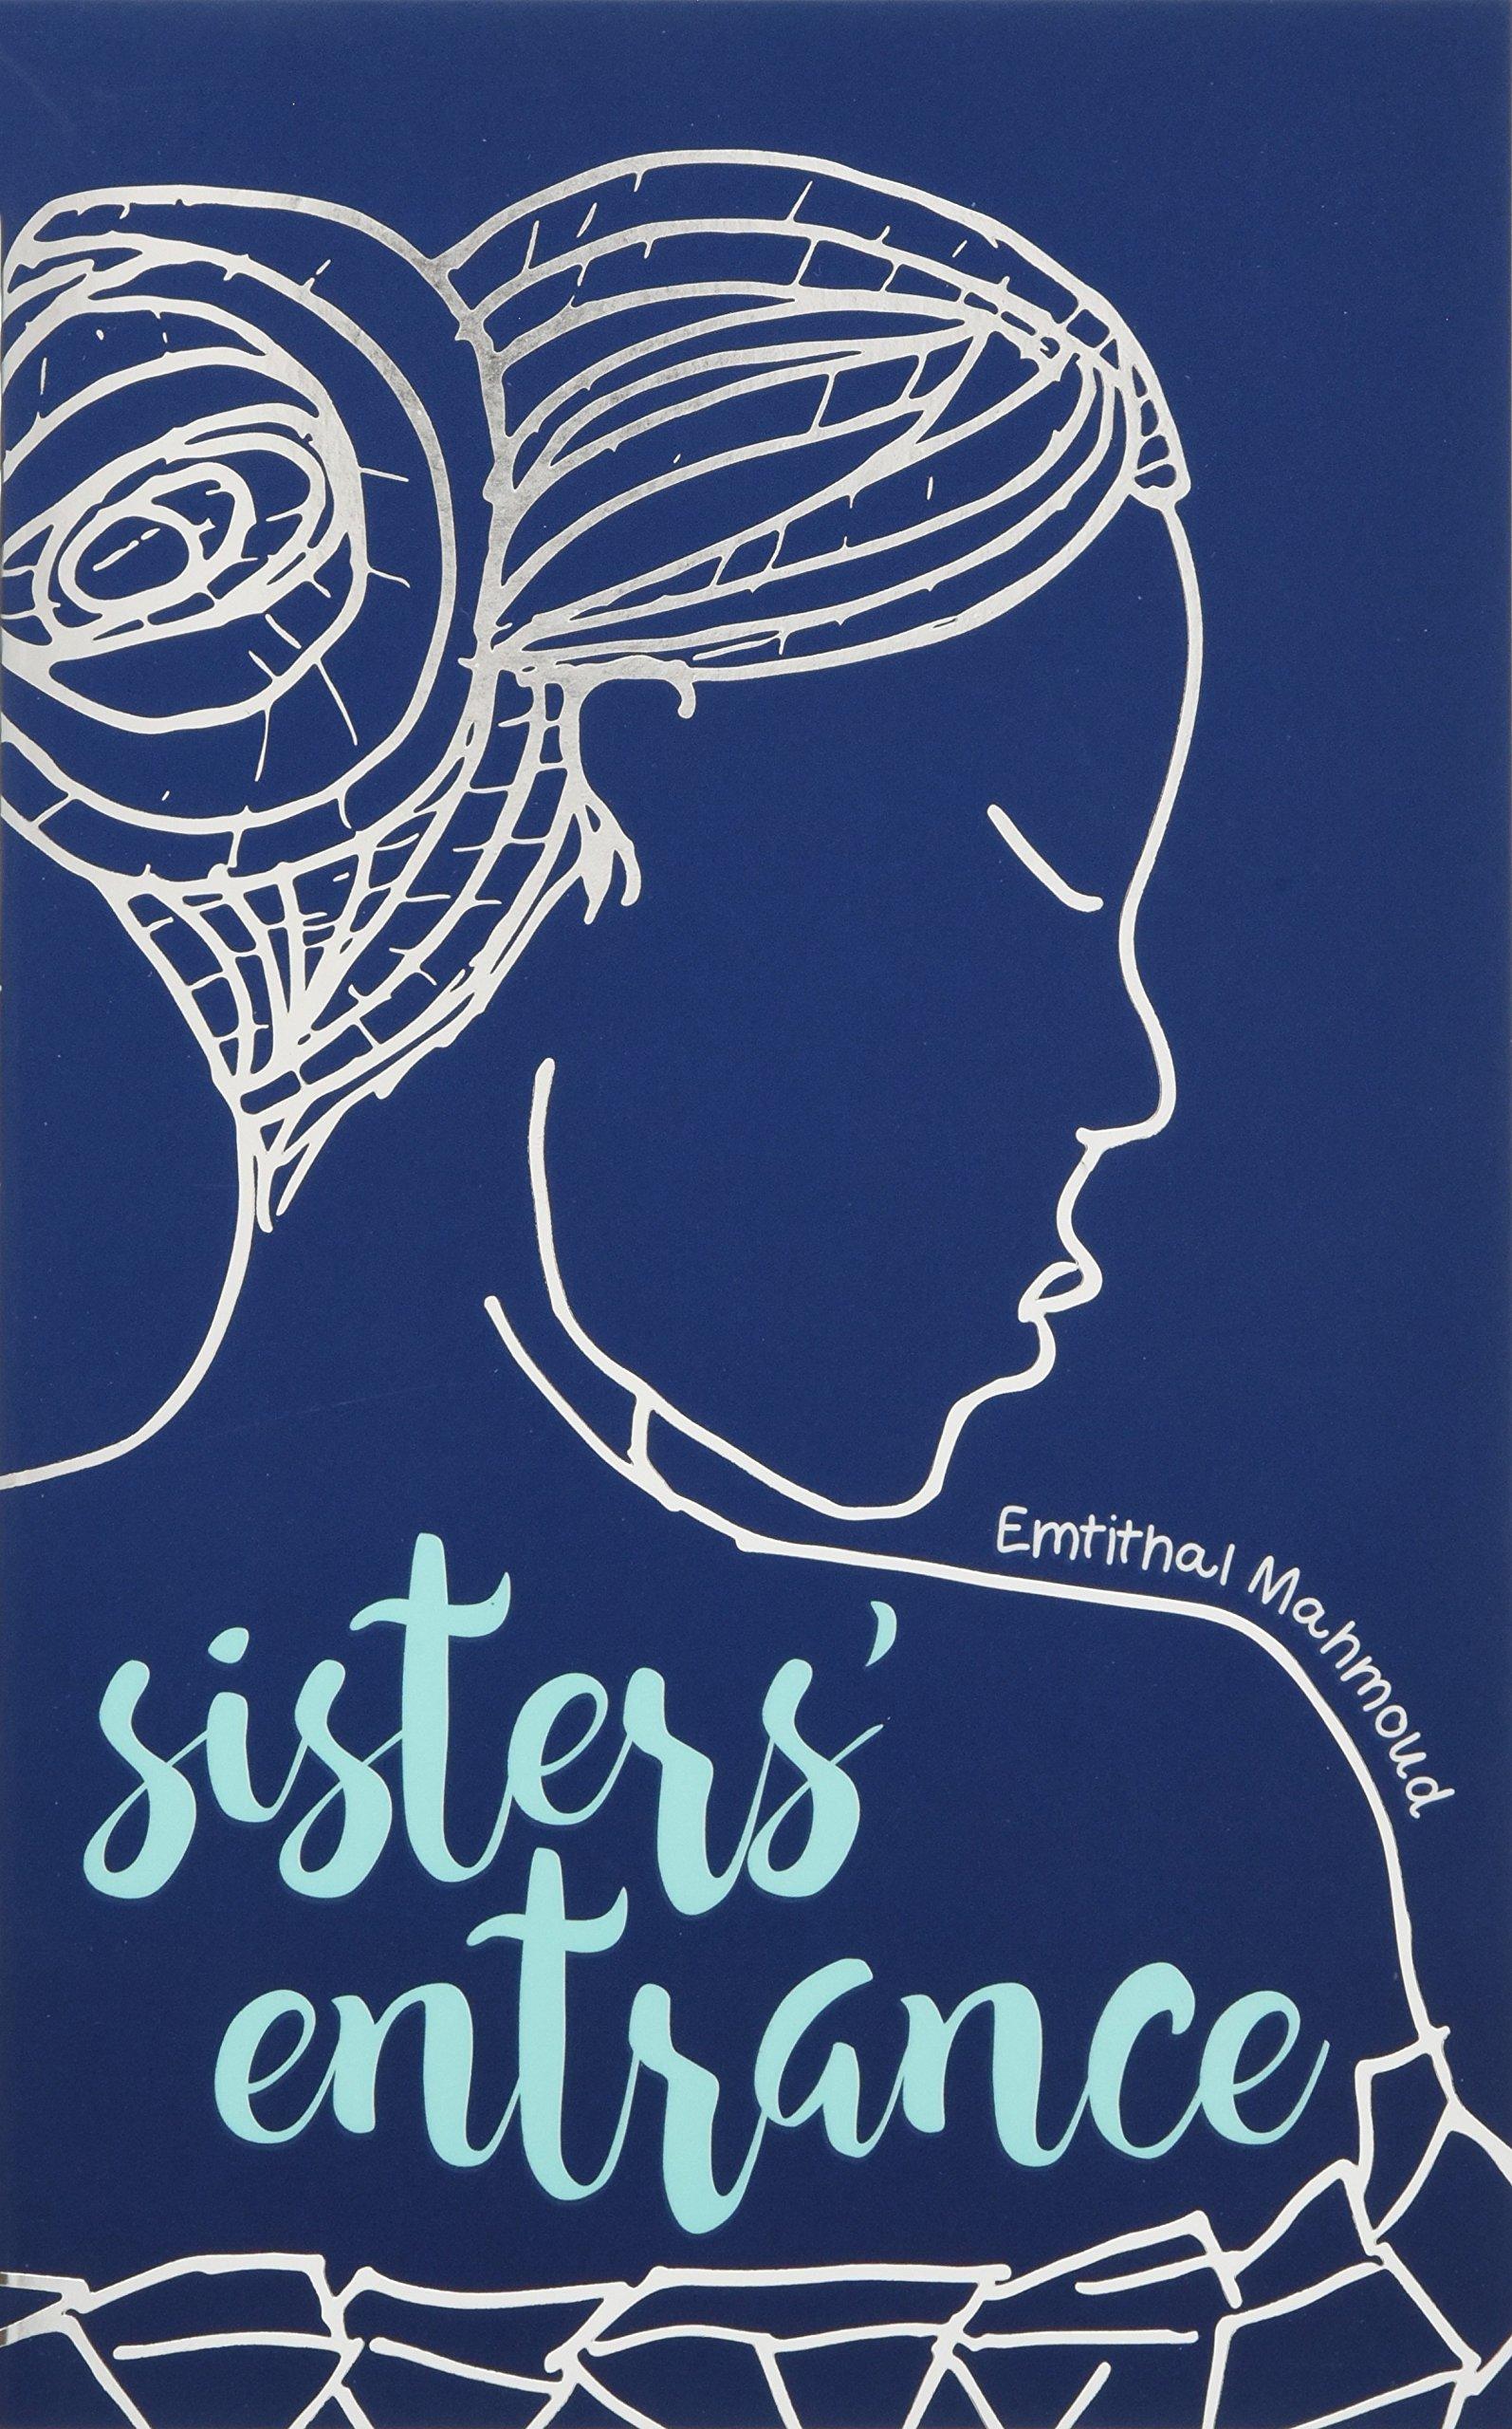 Image result for sister entrance emtithal  book